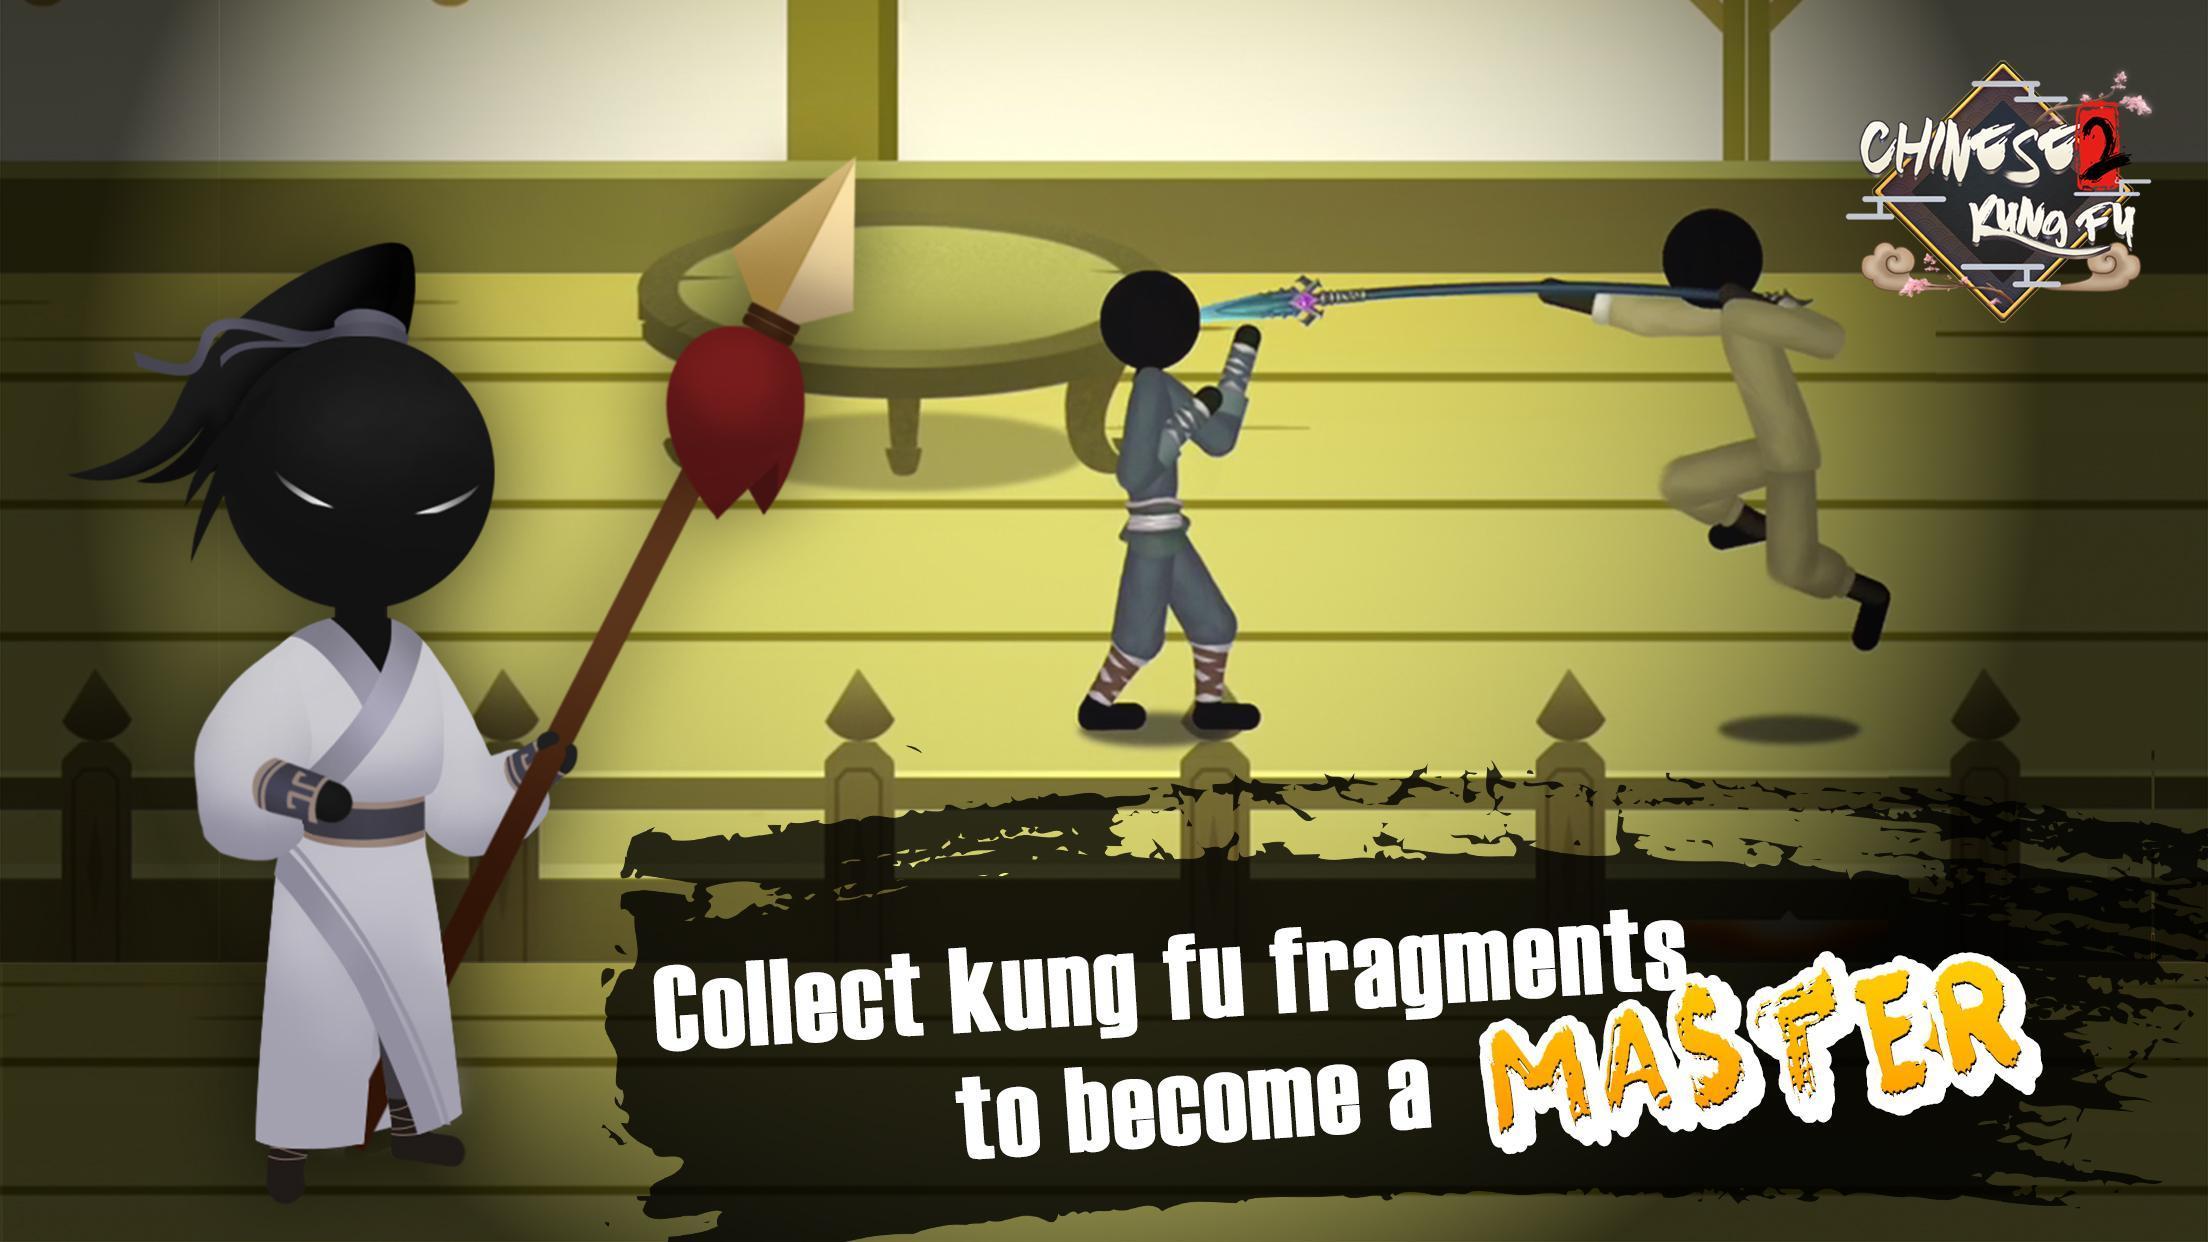 Chinese Kungfu 3.2.1 Screenshot 19